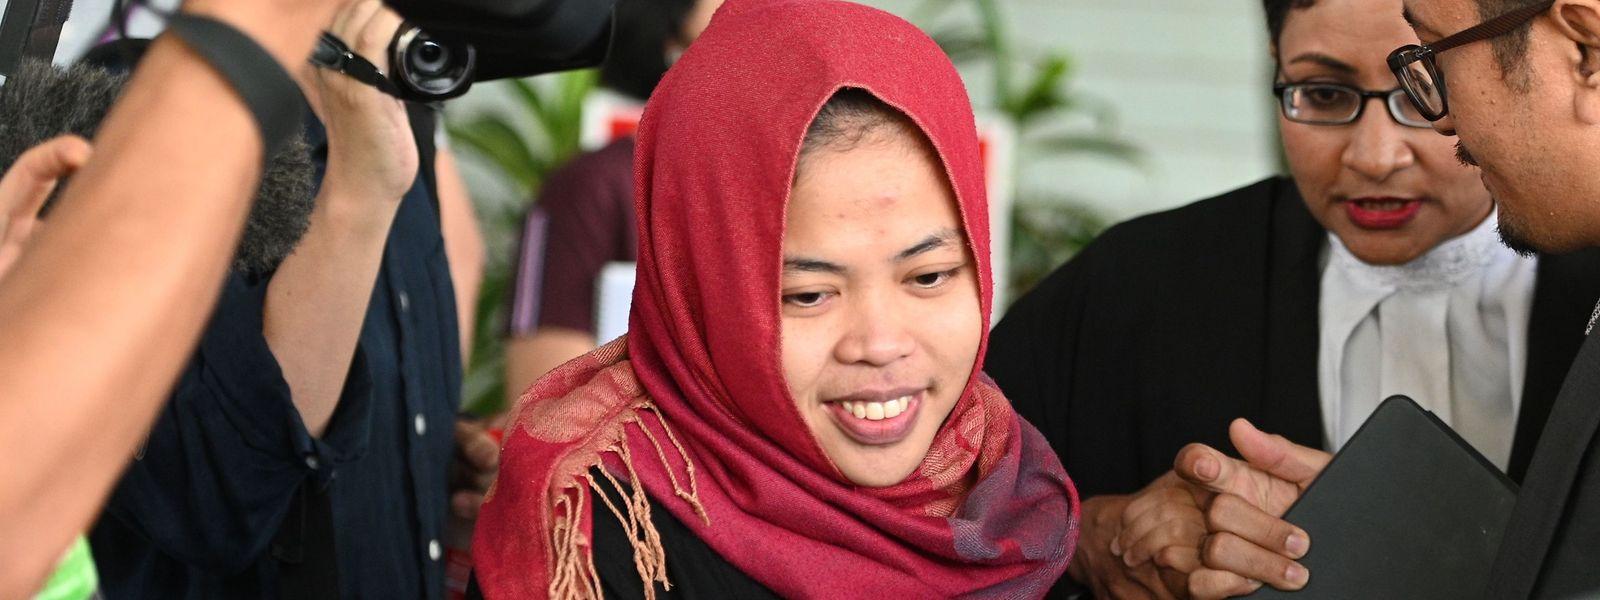 Siti Aisyah (M.) auf dem Weg aus dem Gericht. Mit einer EInstellung des Verfahrens habe sie nicht gerechnet.